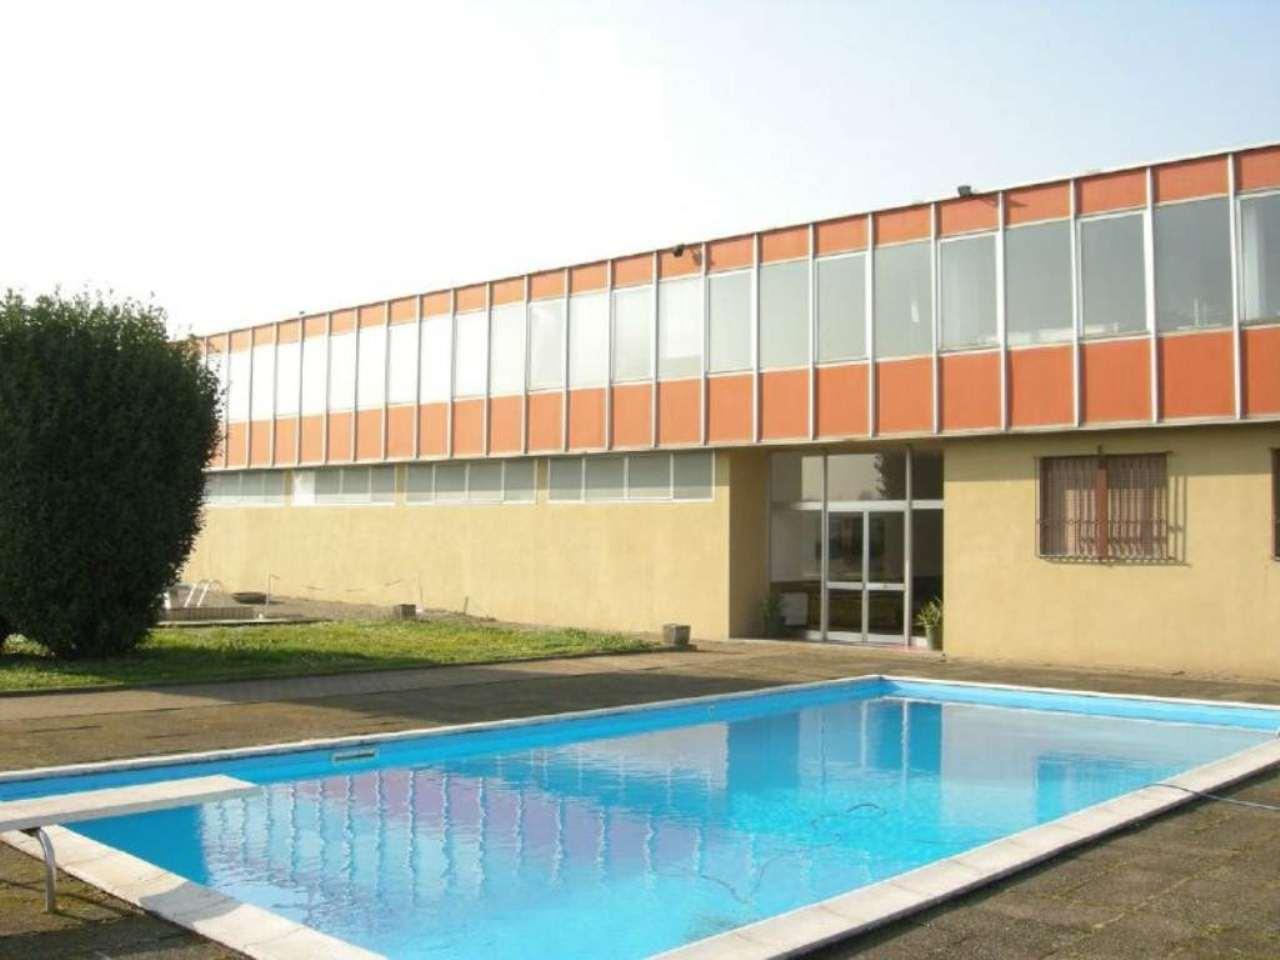 Capannone in vendita a Cassina de' Pecchi, 9999 locali, Trattative riservate | Cambio Casa.it